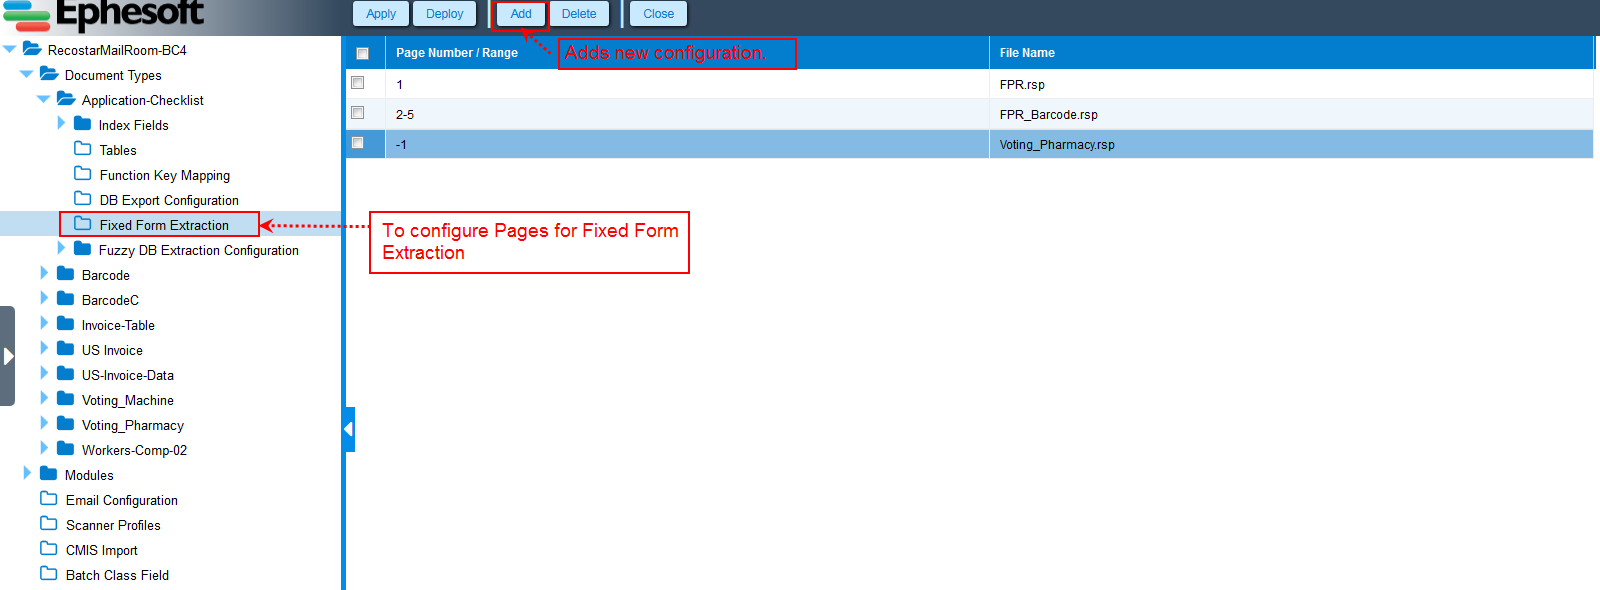 C:\Users\jasmeetkaur\Desktop\Changes.png